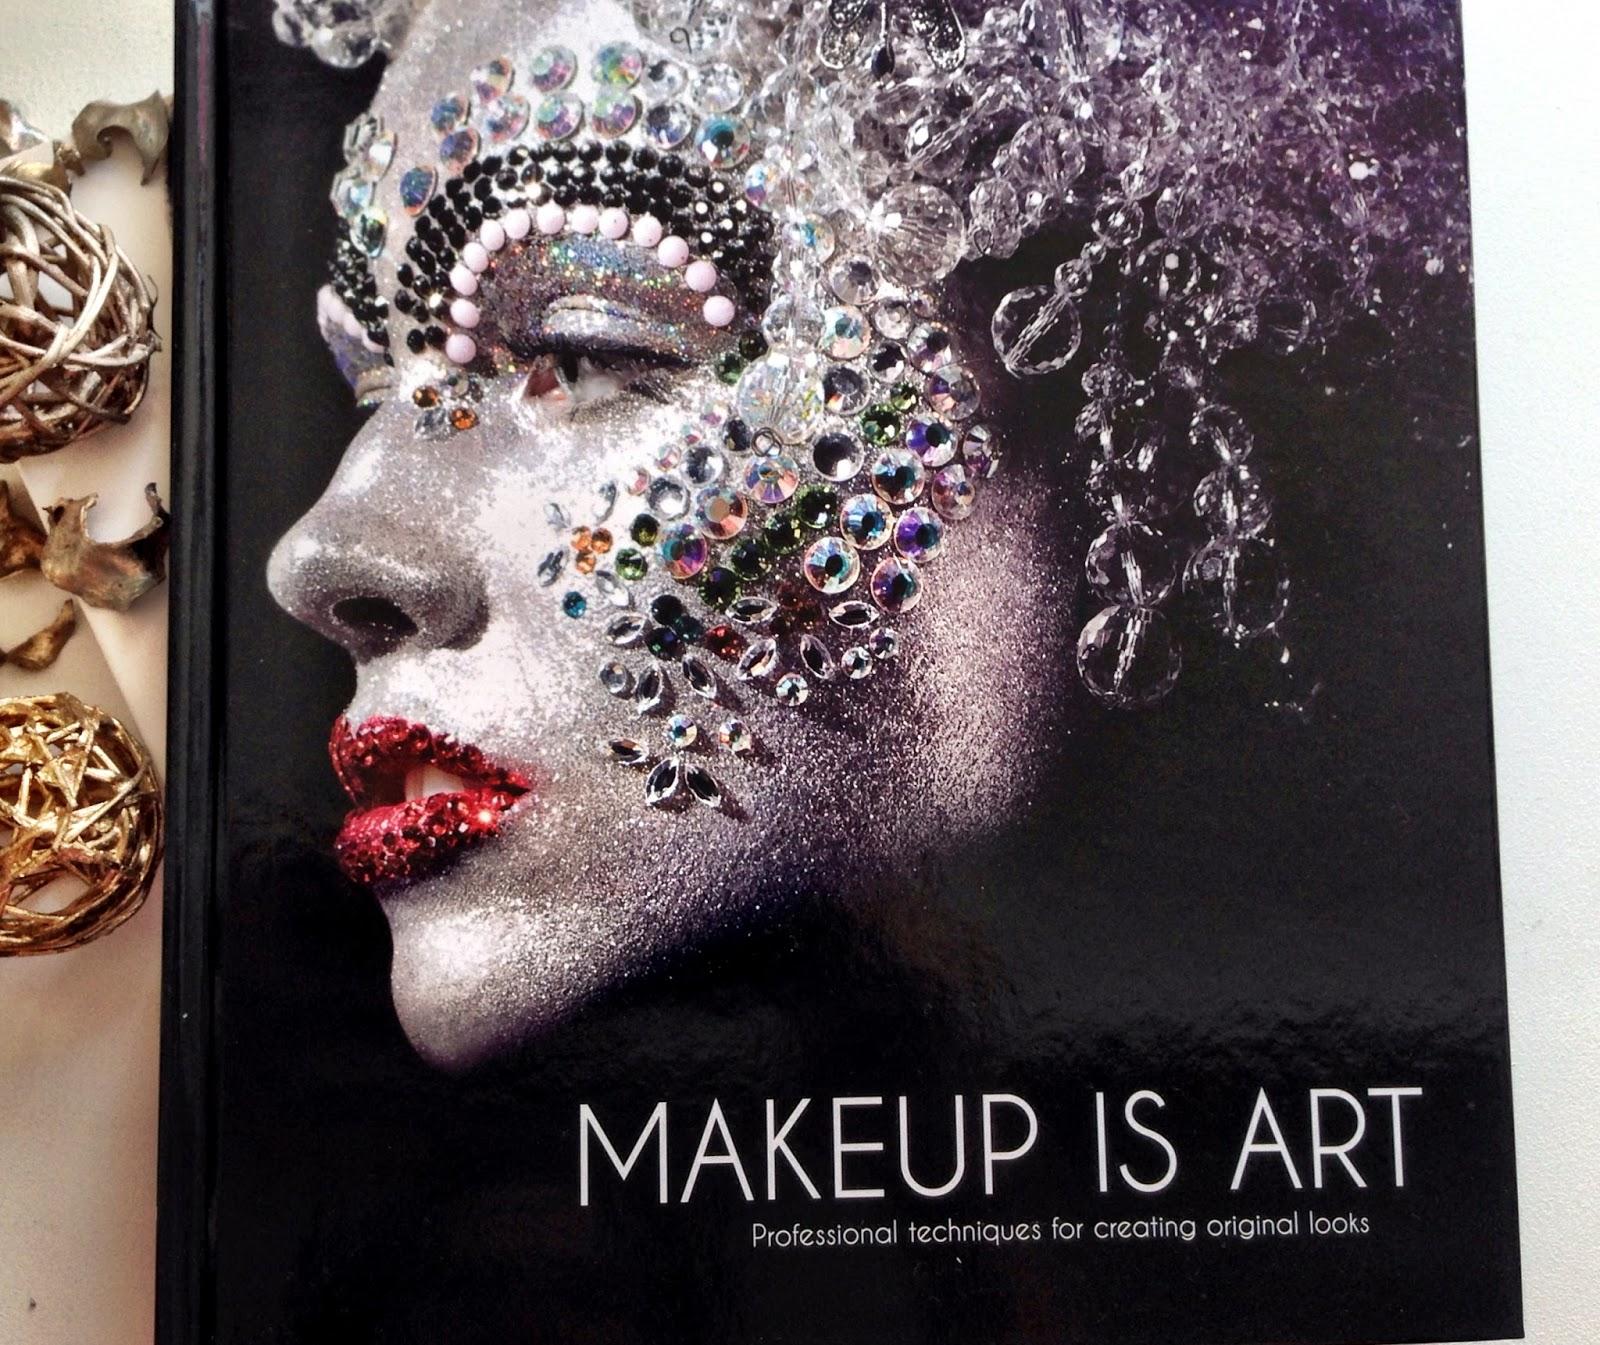 Makeup is Art, Jana Waru Ririnui & Dr. Lan Nguyen